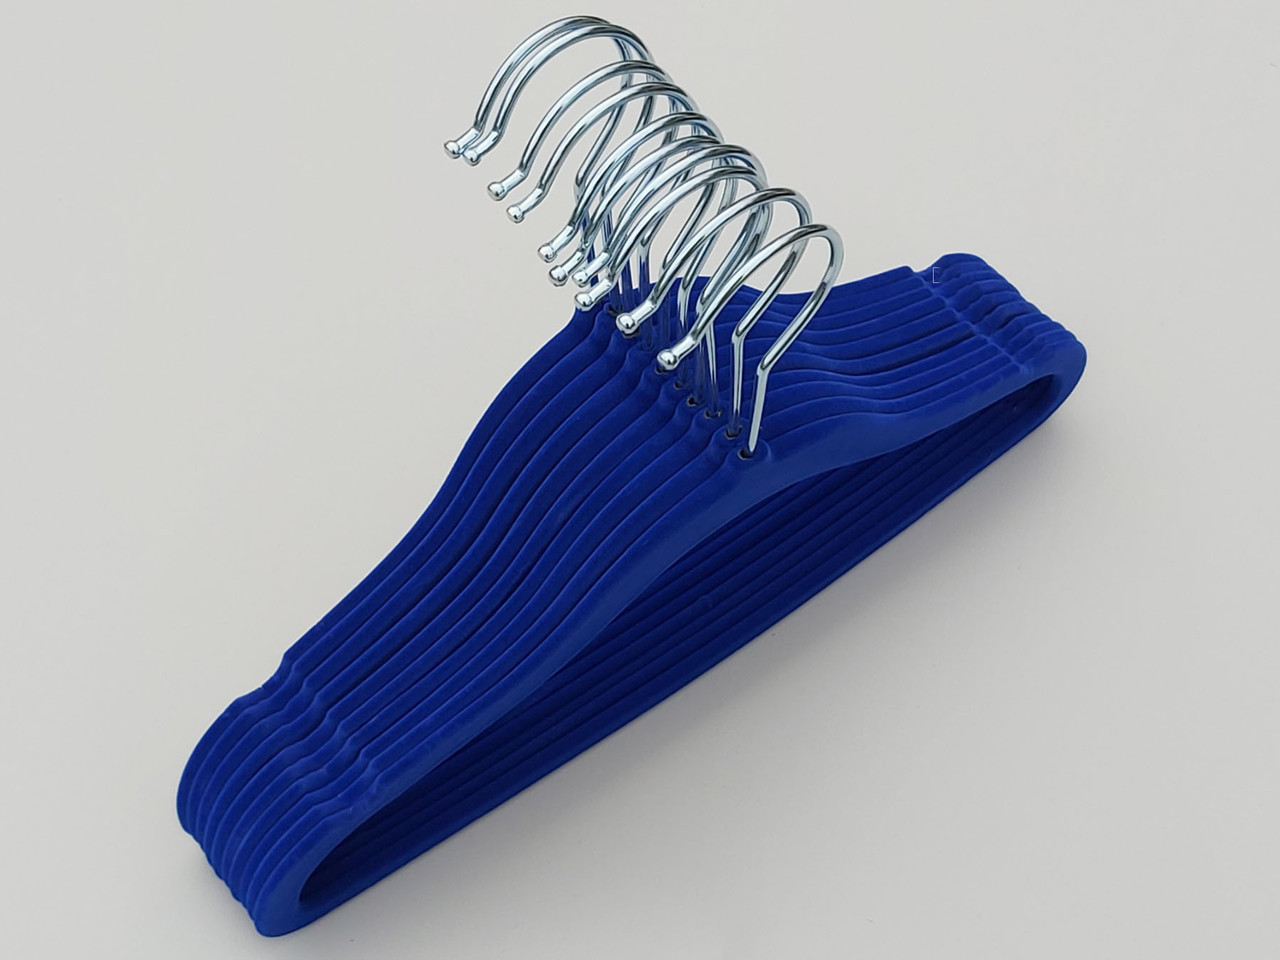 Плечики детские флокированные (бархатные) синего цвета, длина 29,5 см, 10 штук в упаковке